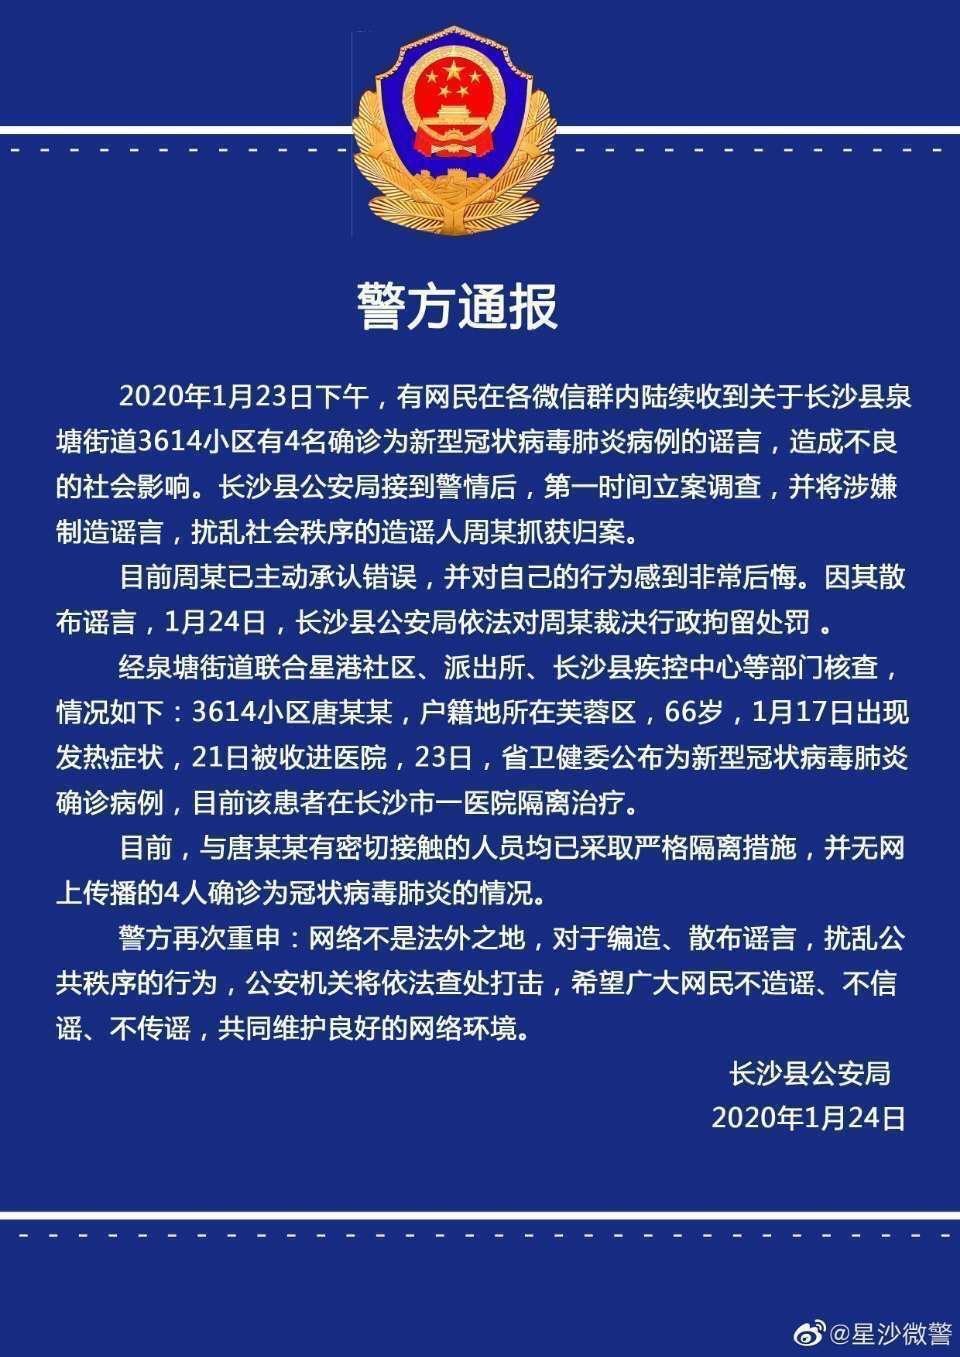 辟谣!长沙市长沙县并无网传4人确诊冠状病毒肺炎情况,造谣者已被行政拘留